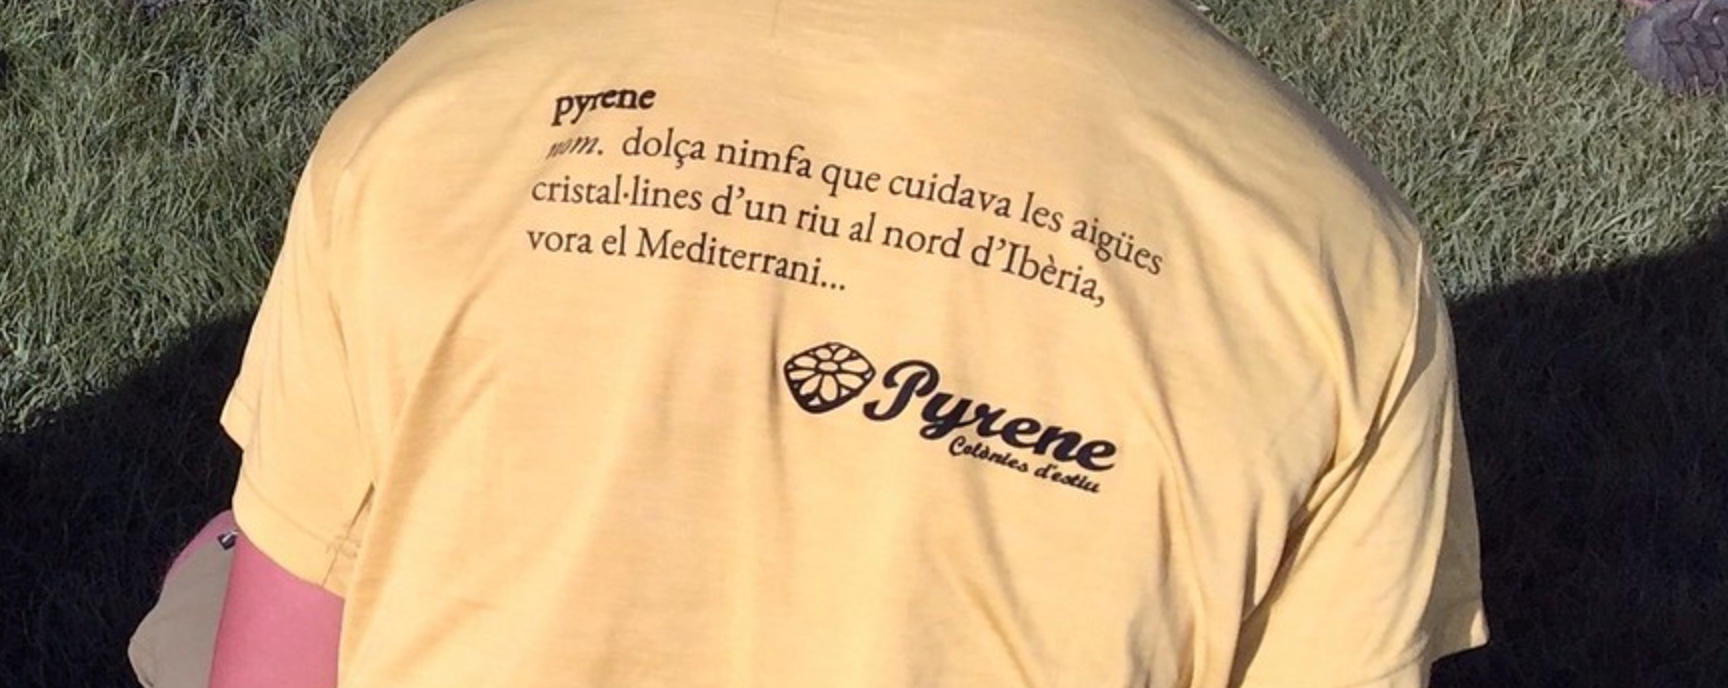 a Pyrene!